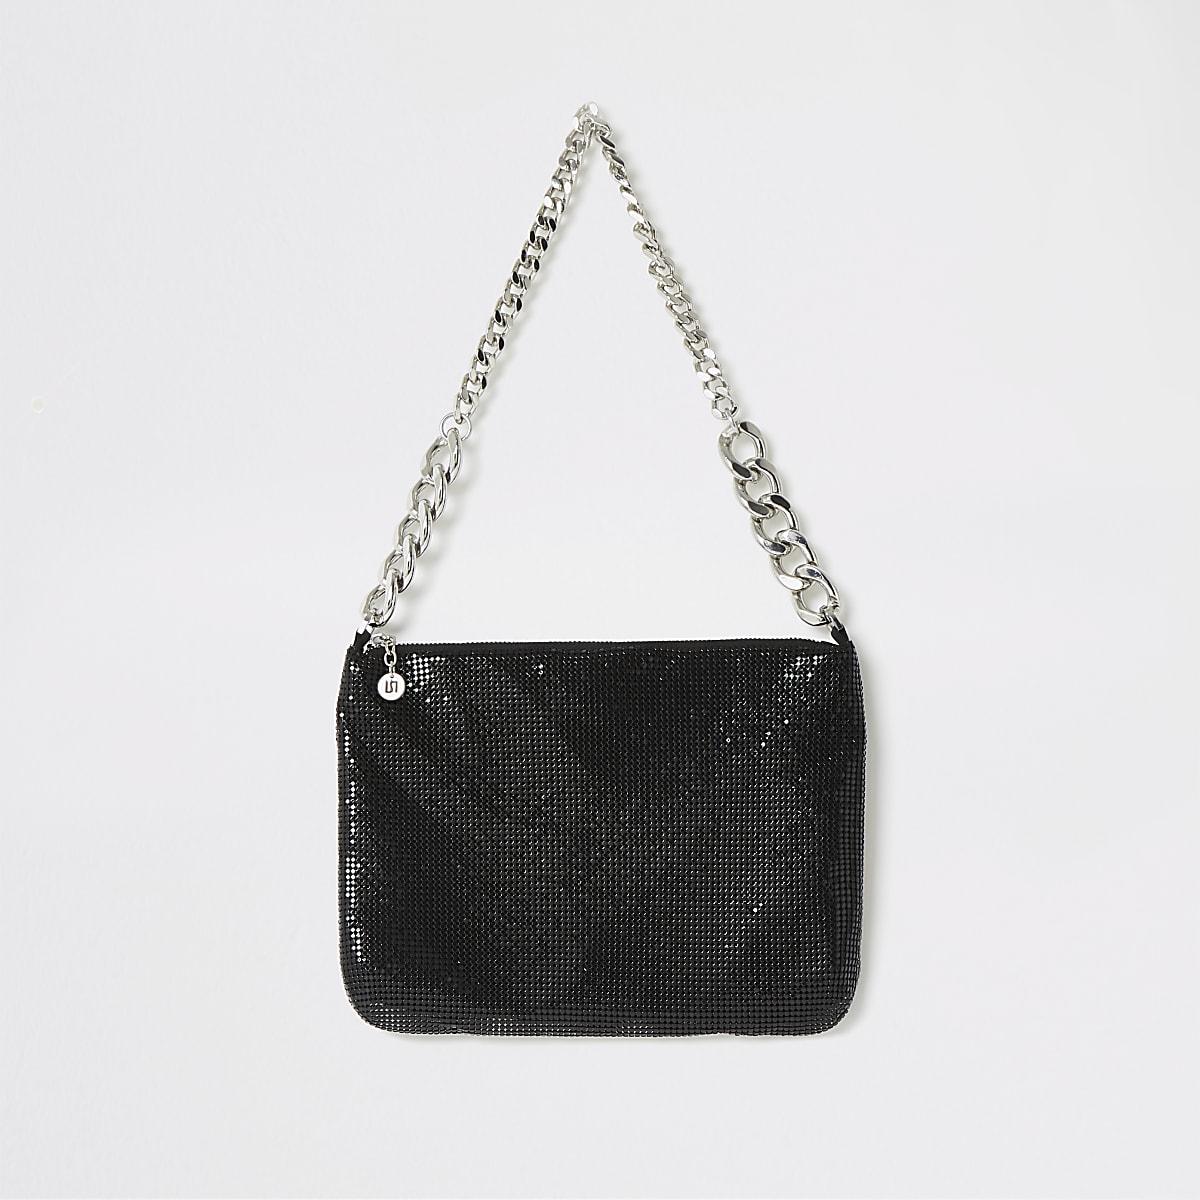 Black embellished shoulder bag